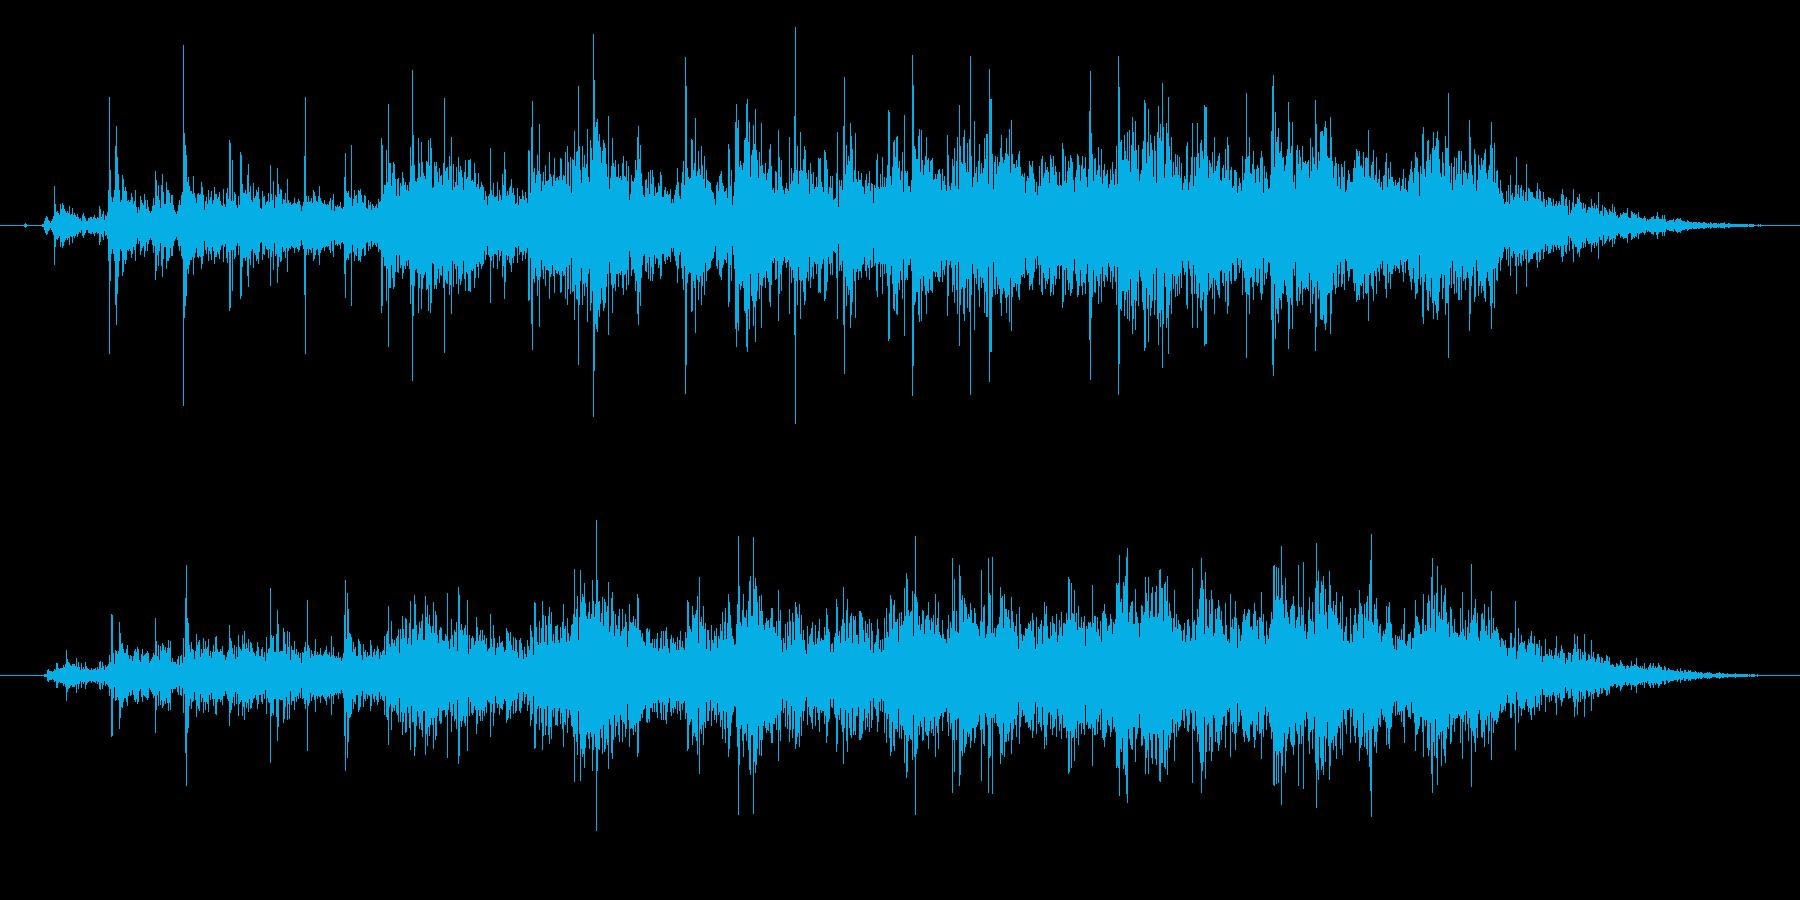 ステレオ感のある拍手、拍手喝采の効果音1の再生済みの波形